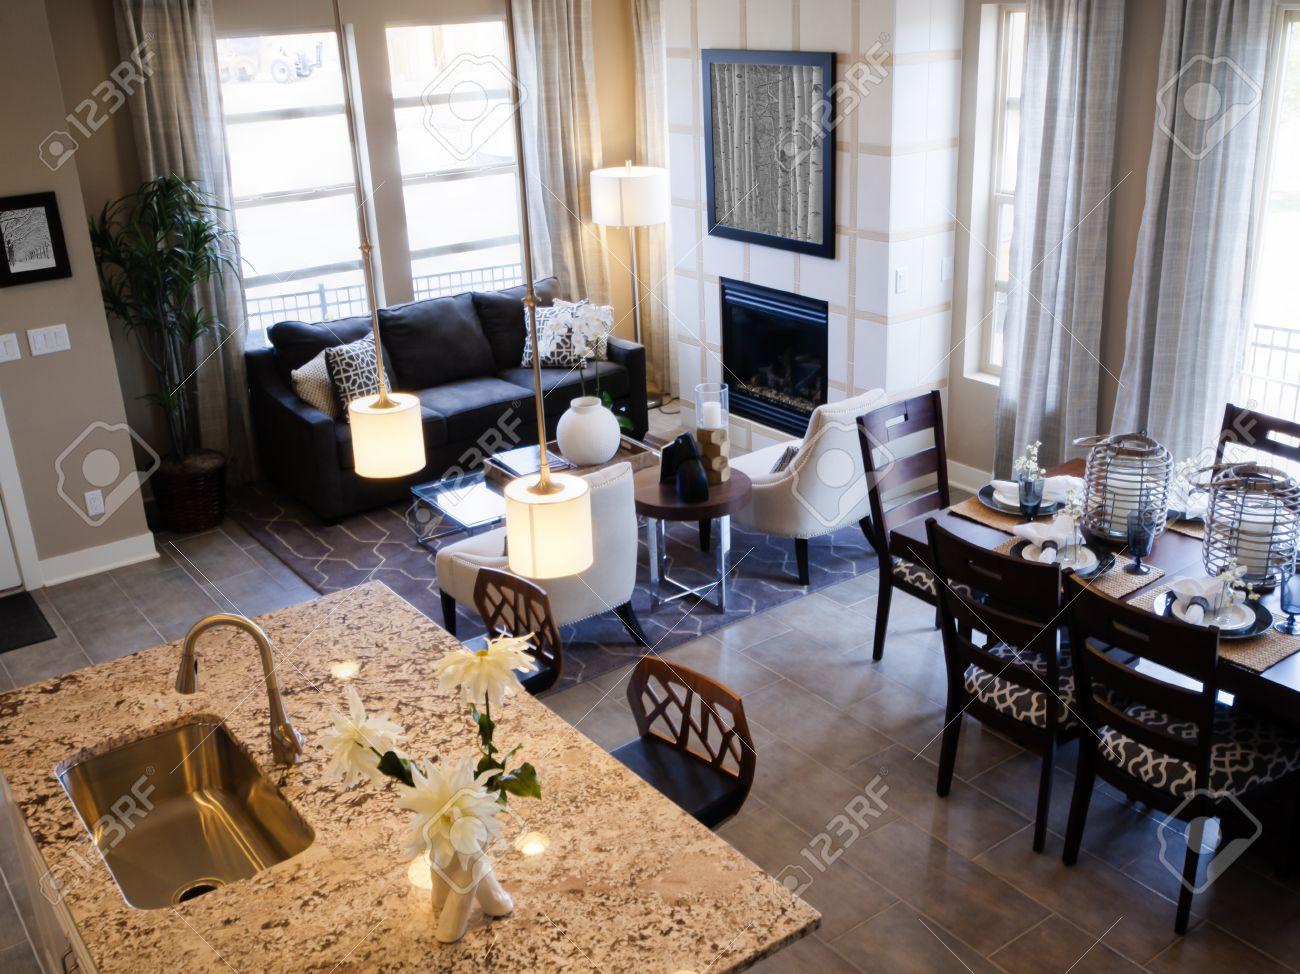 Table Pour Salle À Manger salle à manger moderne avec set de table pour le dîner de famille.